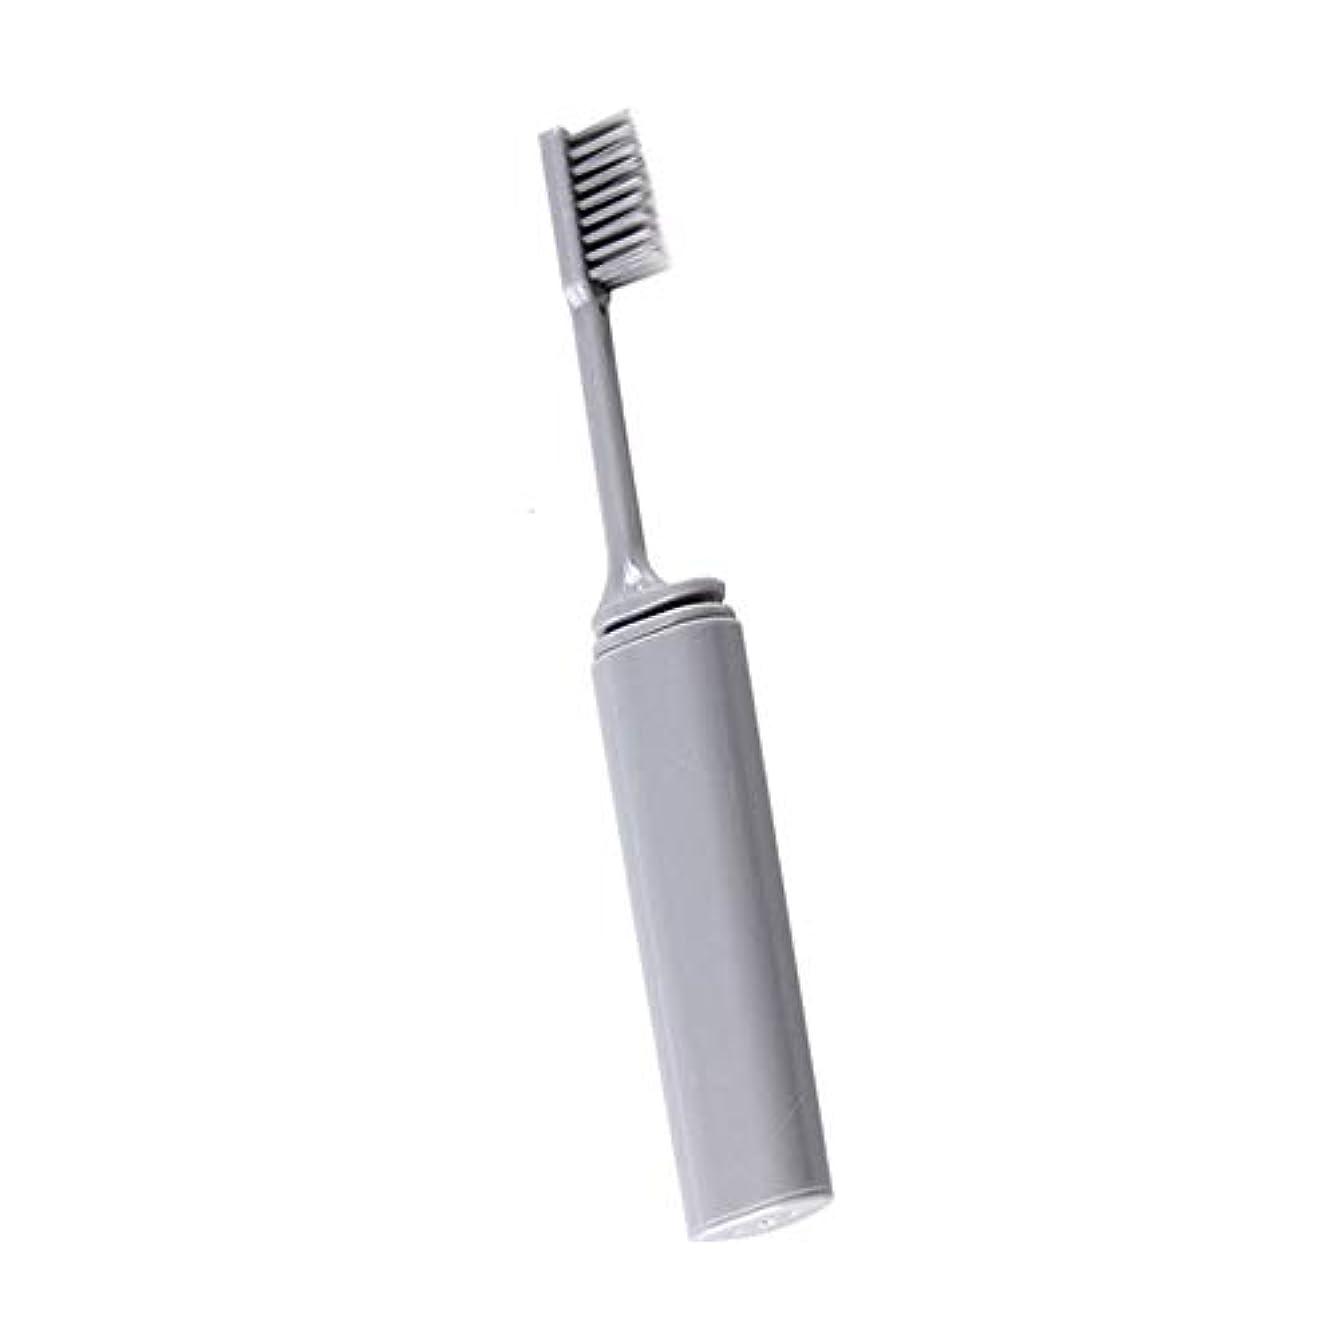 まぶしさ北東受け入れたOnior 旅行歯ブラシ 折りたたみ歯ブラシ 携帯歯ブラシ 外出 旅行用品, ソフト コンパクト歯ブラシ 便利 折りたたみ 耐久性 携帯用 灰色